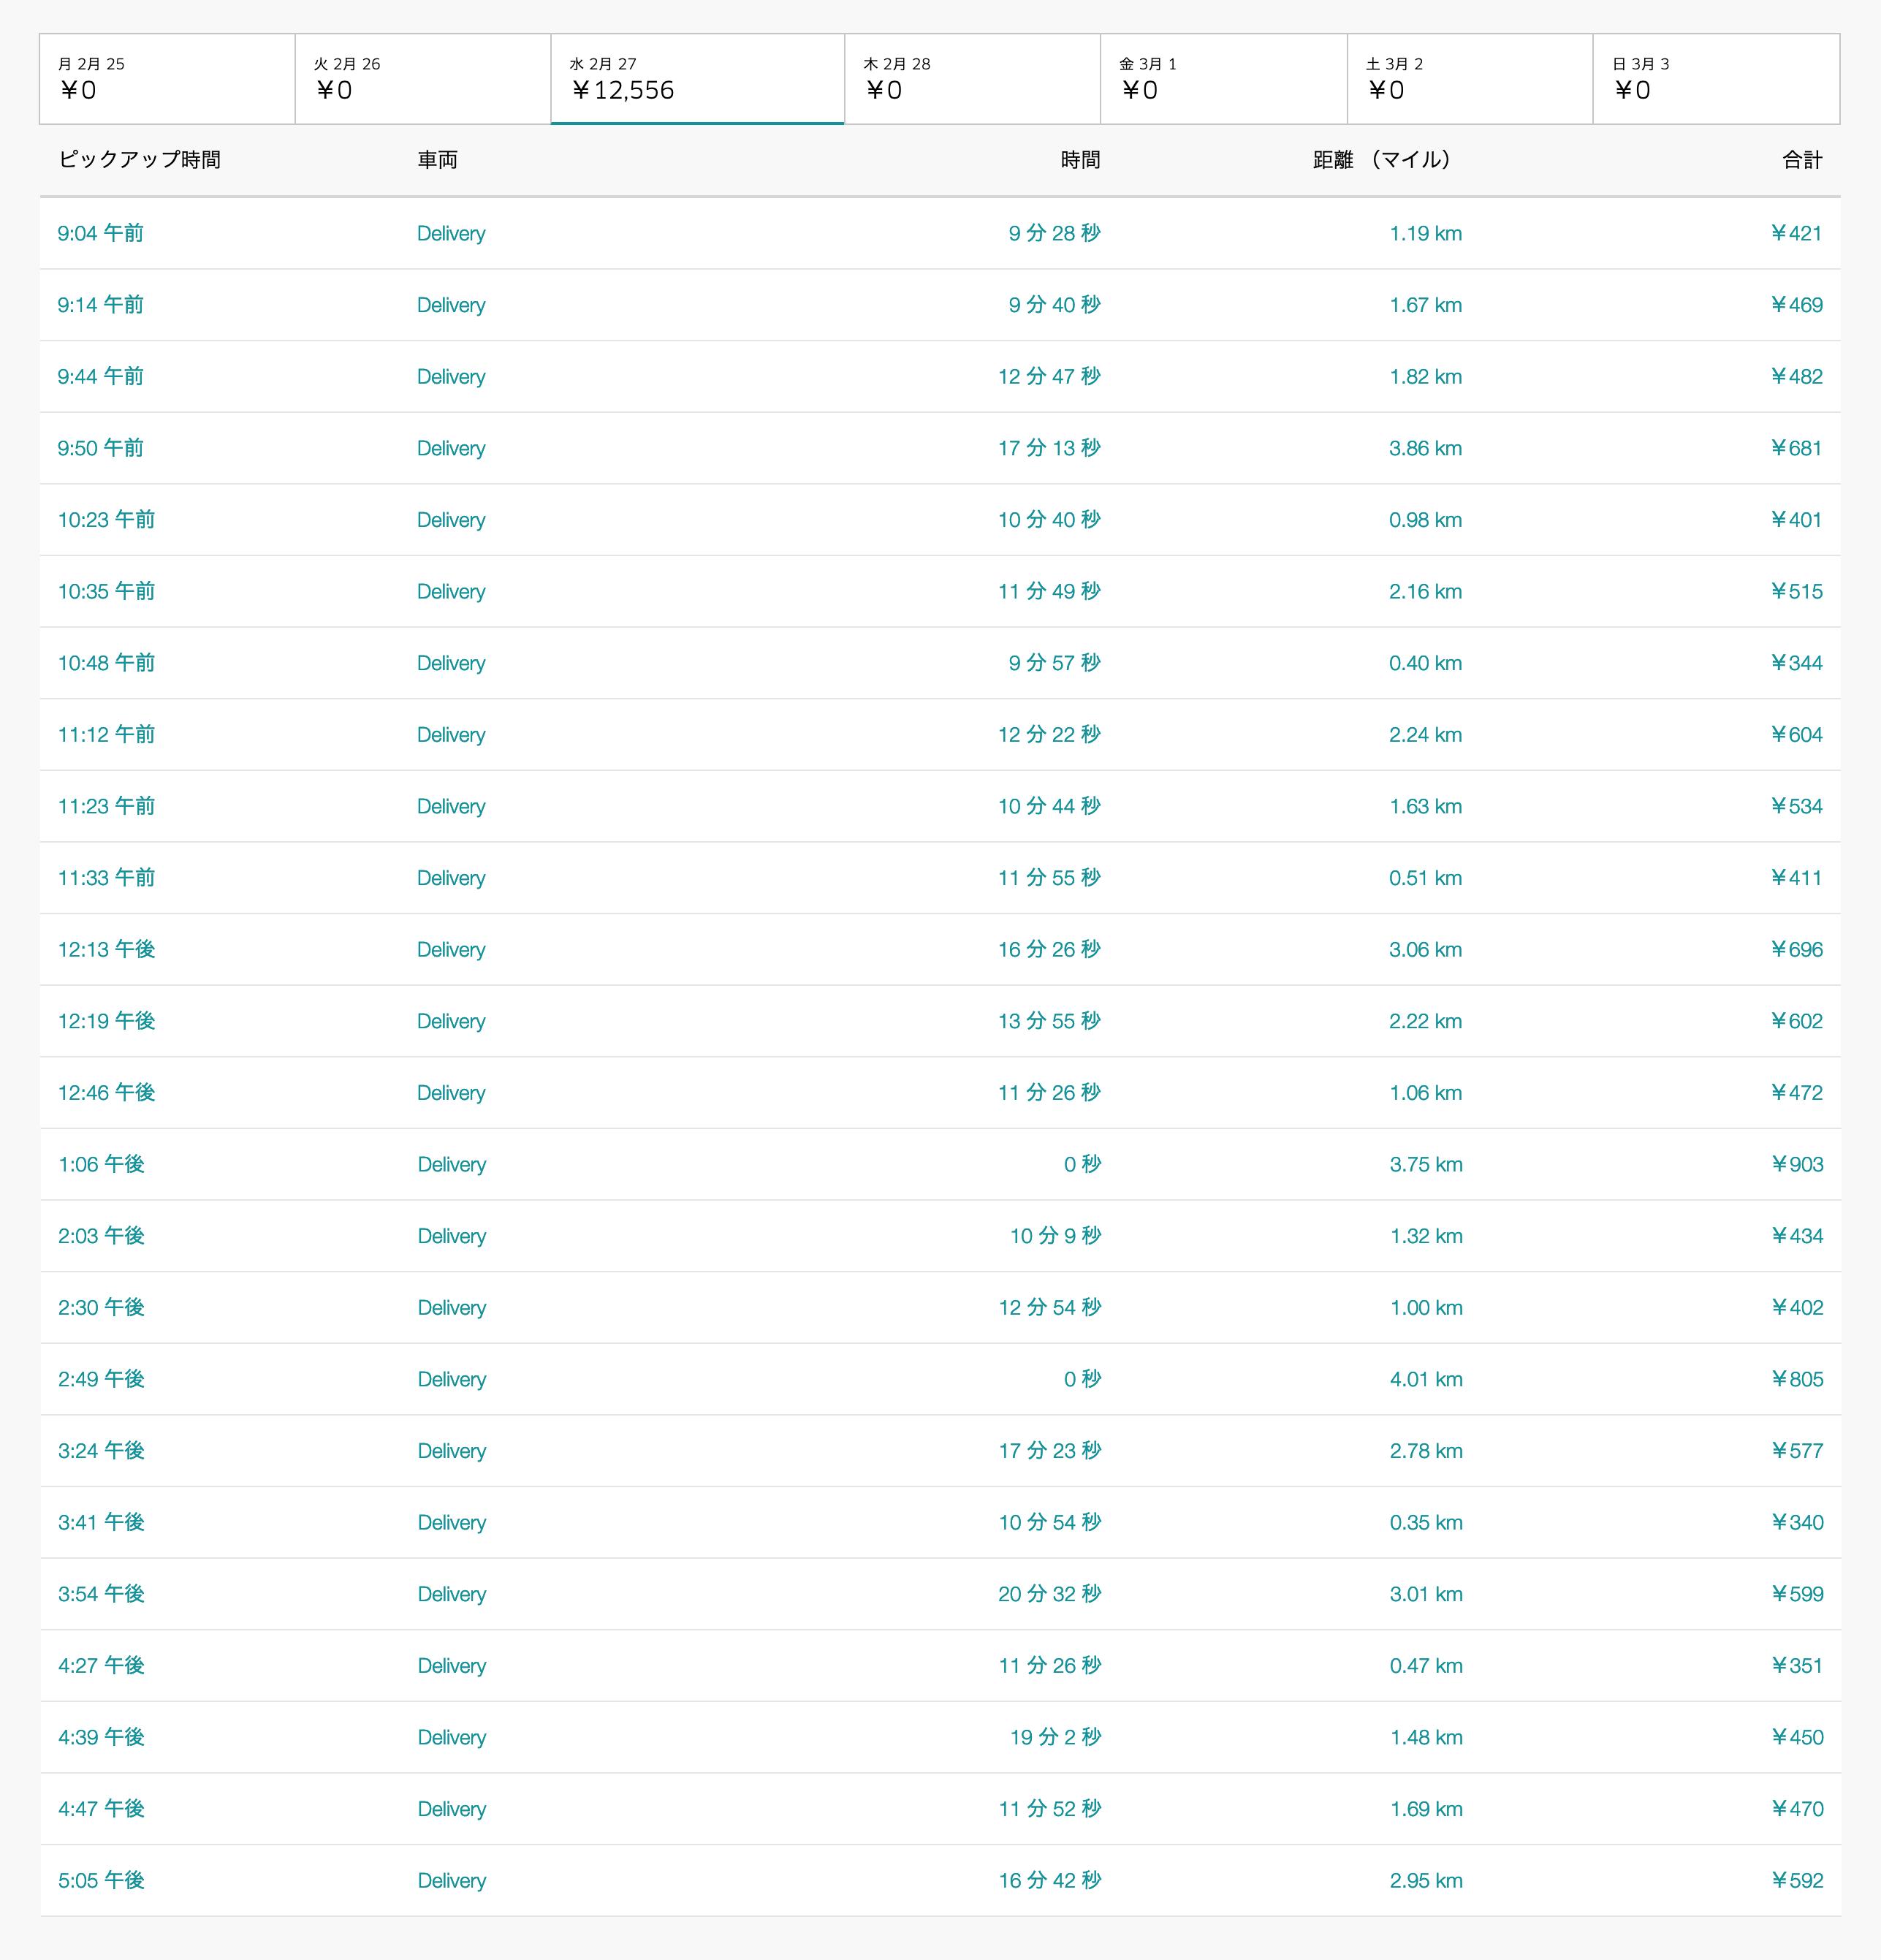 Uber Eats2月27日の配達数字